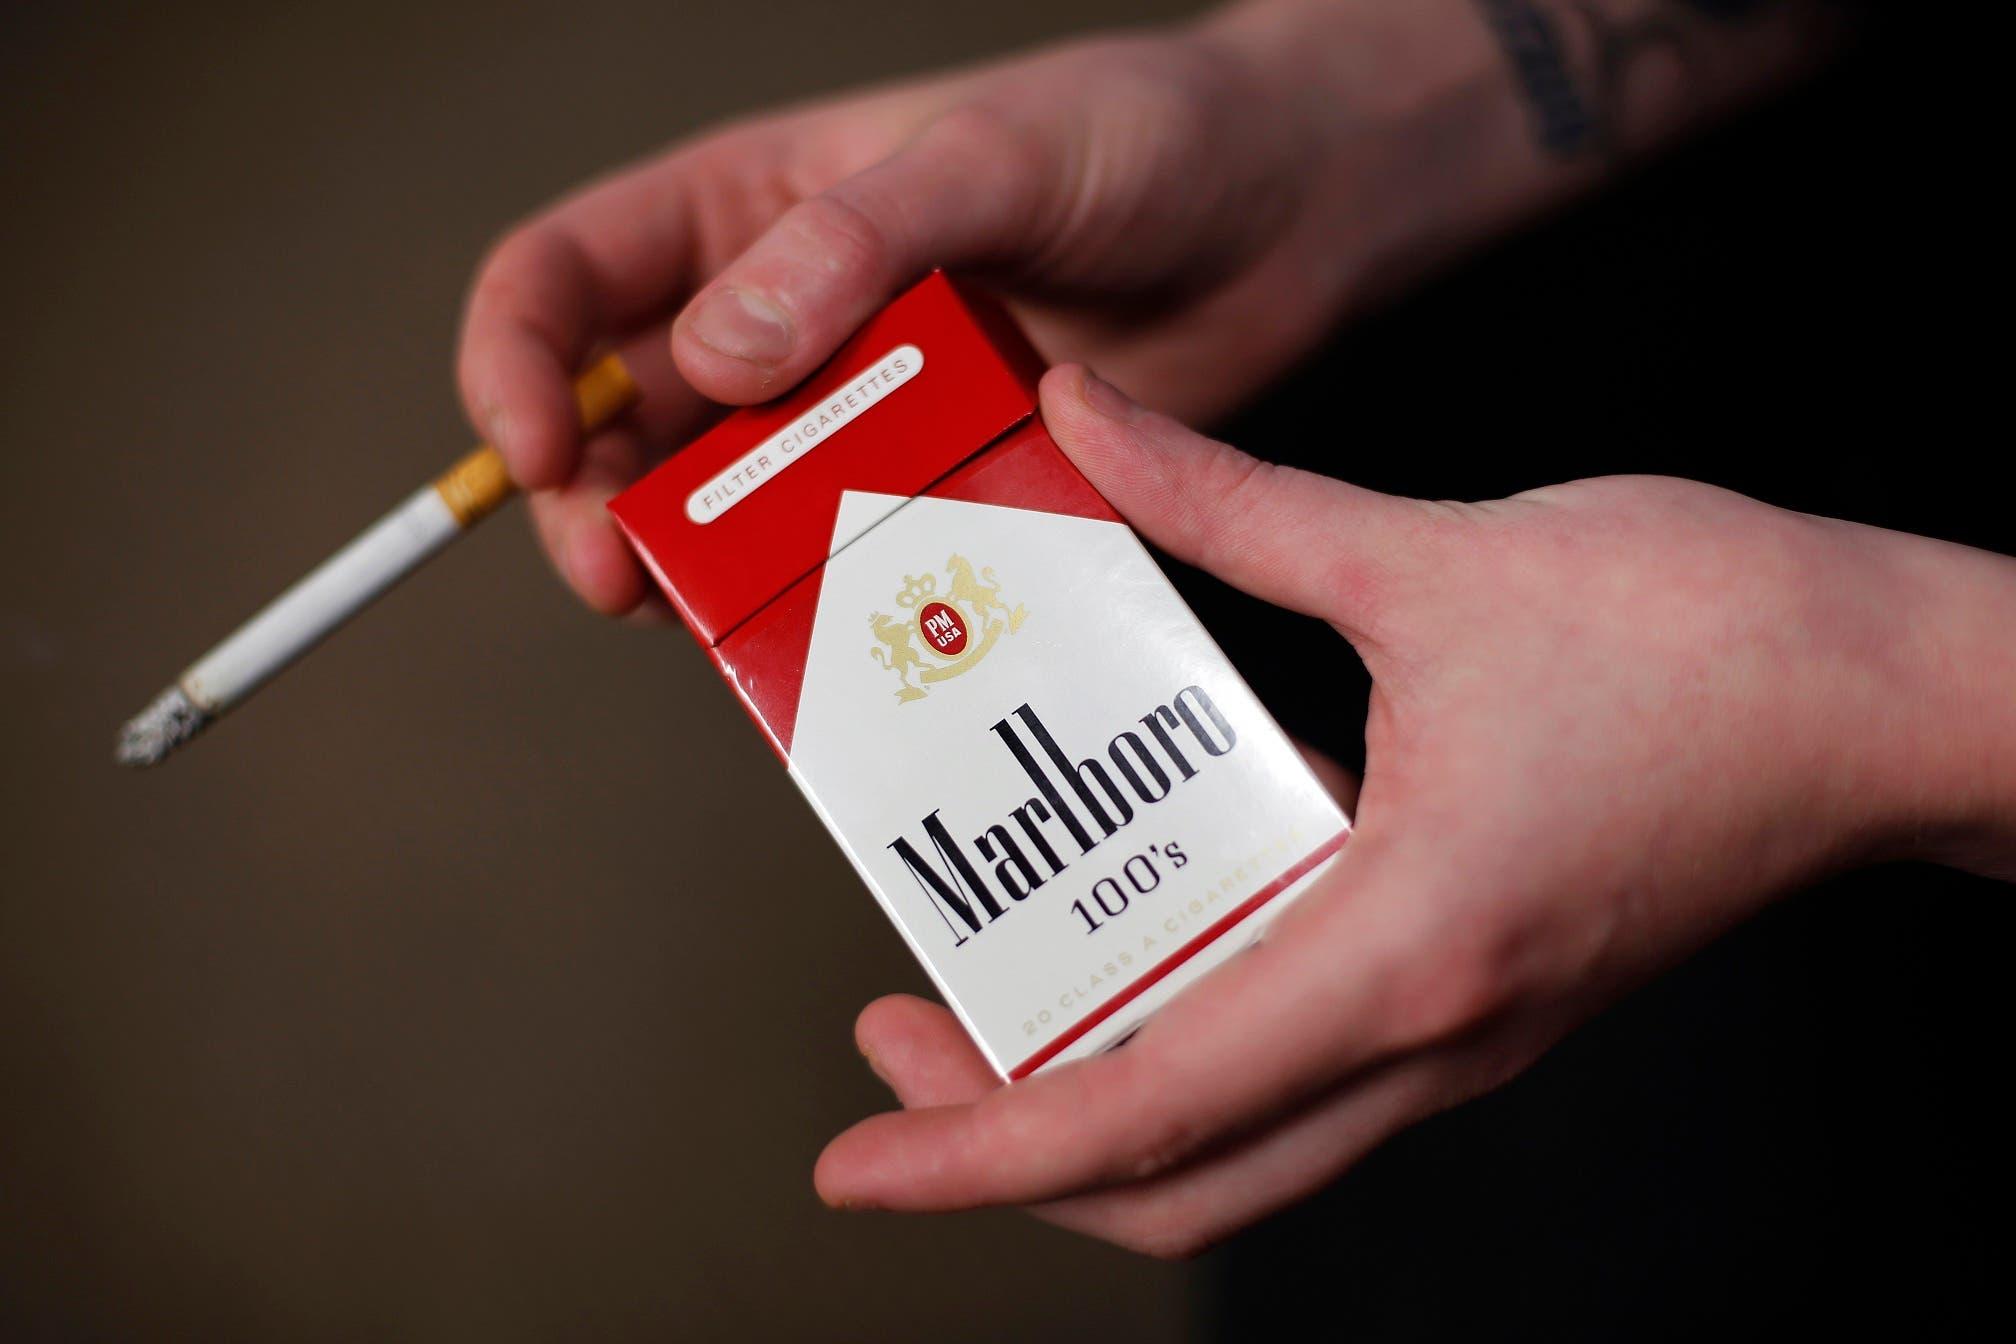 Fotografía de archivo del 17 de julio de 2015 de la administradora de tienda Stephanie Hunt posando con un paquete de cigarrillos Marlboro en la tienda Smoker Friendly en Pittsburgh. (AP Foto/Gene J. Puskar, Archivo)